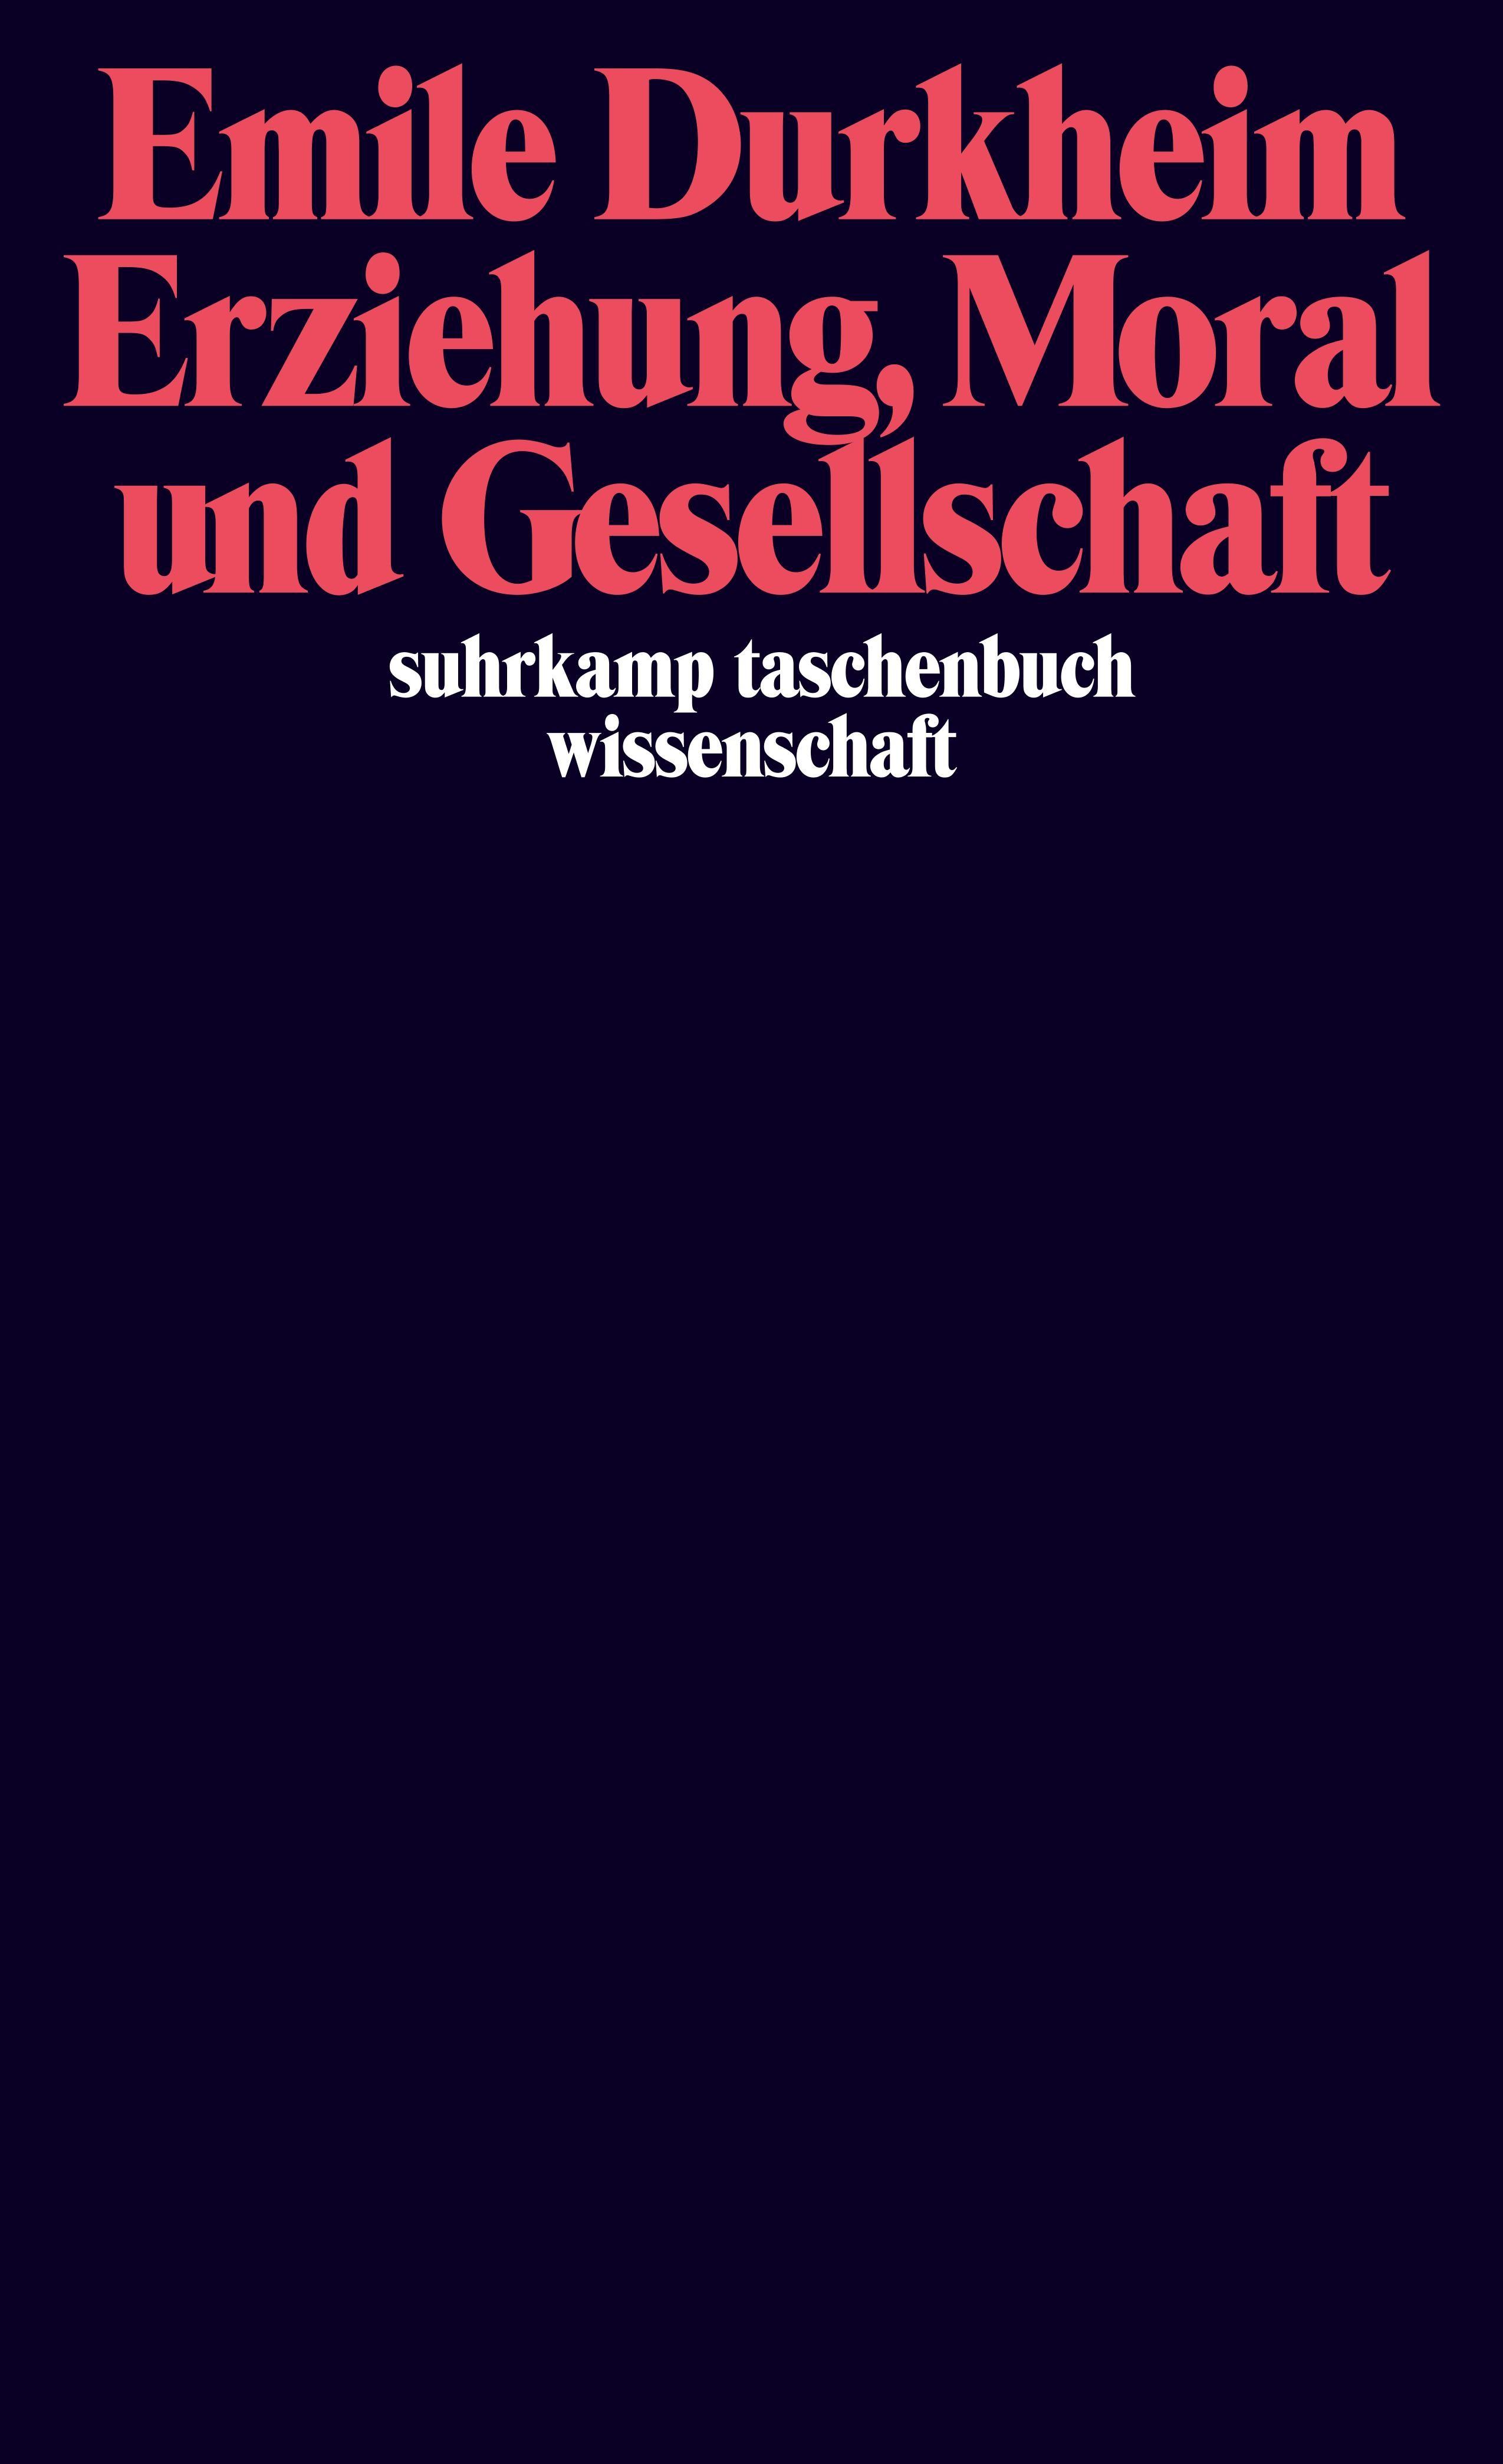 Abbildung von Durkheim | Erziehung, Moral und Gesellschaft | 1984